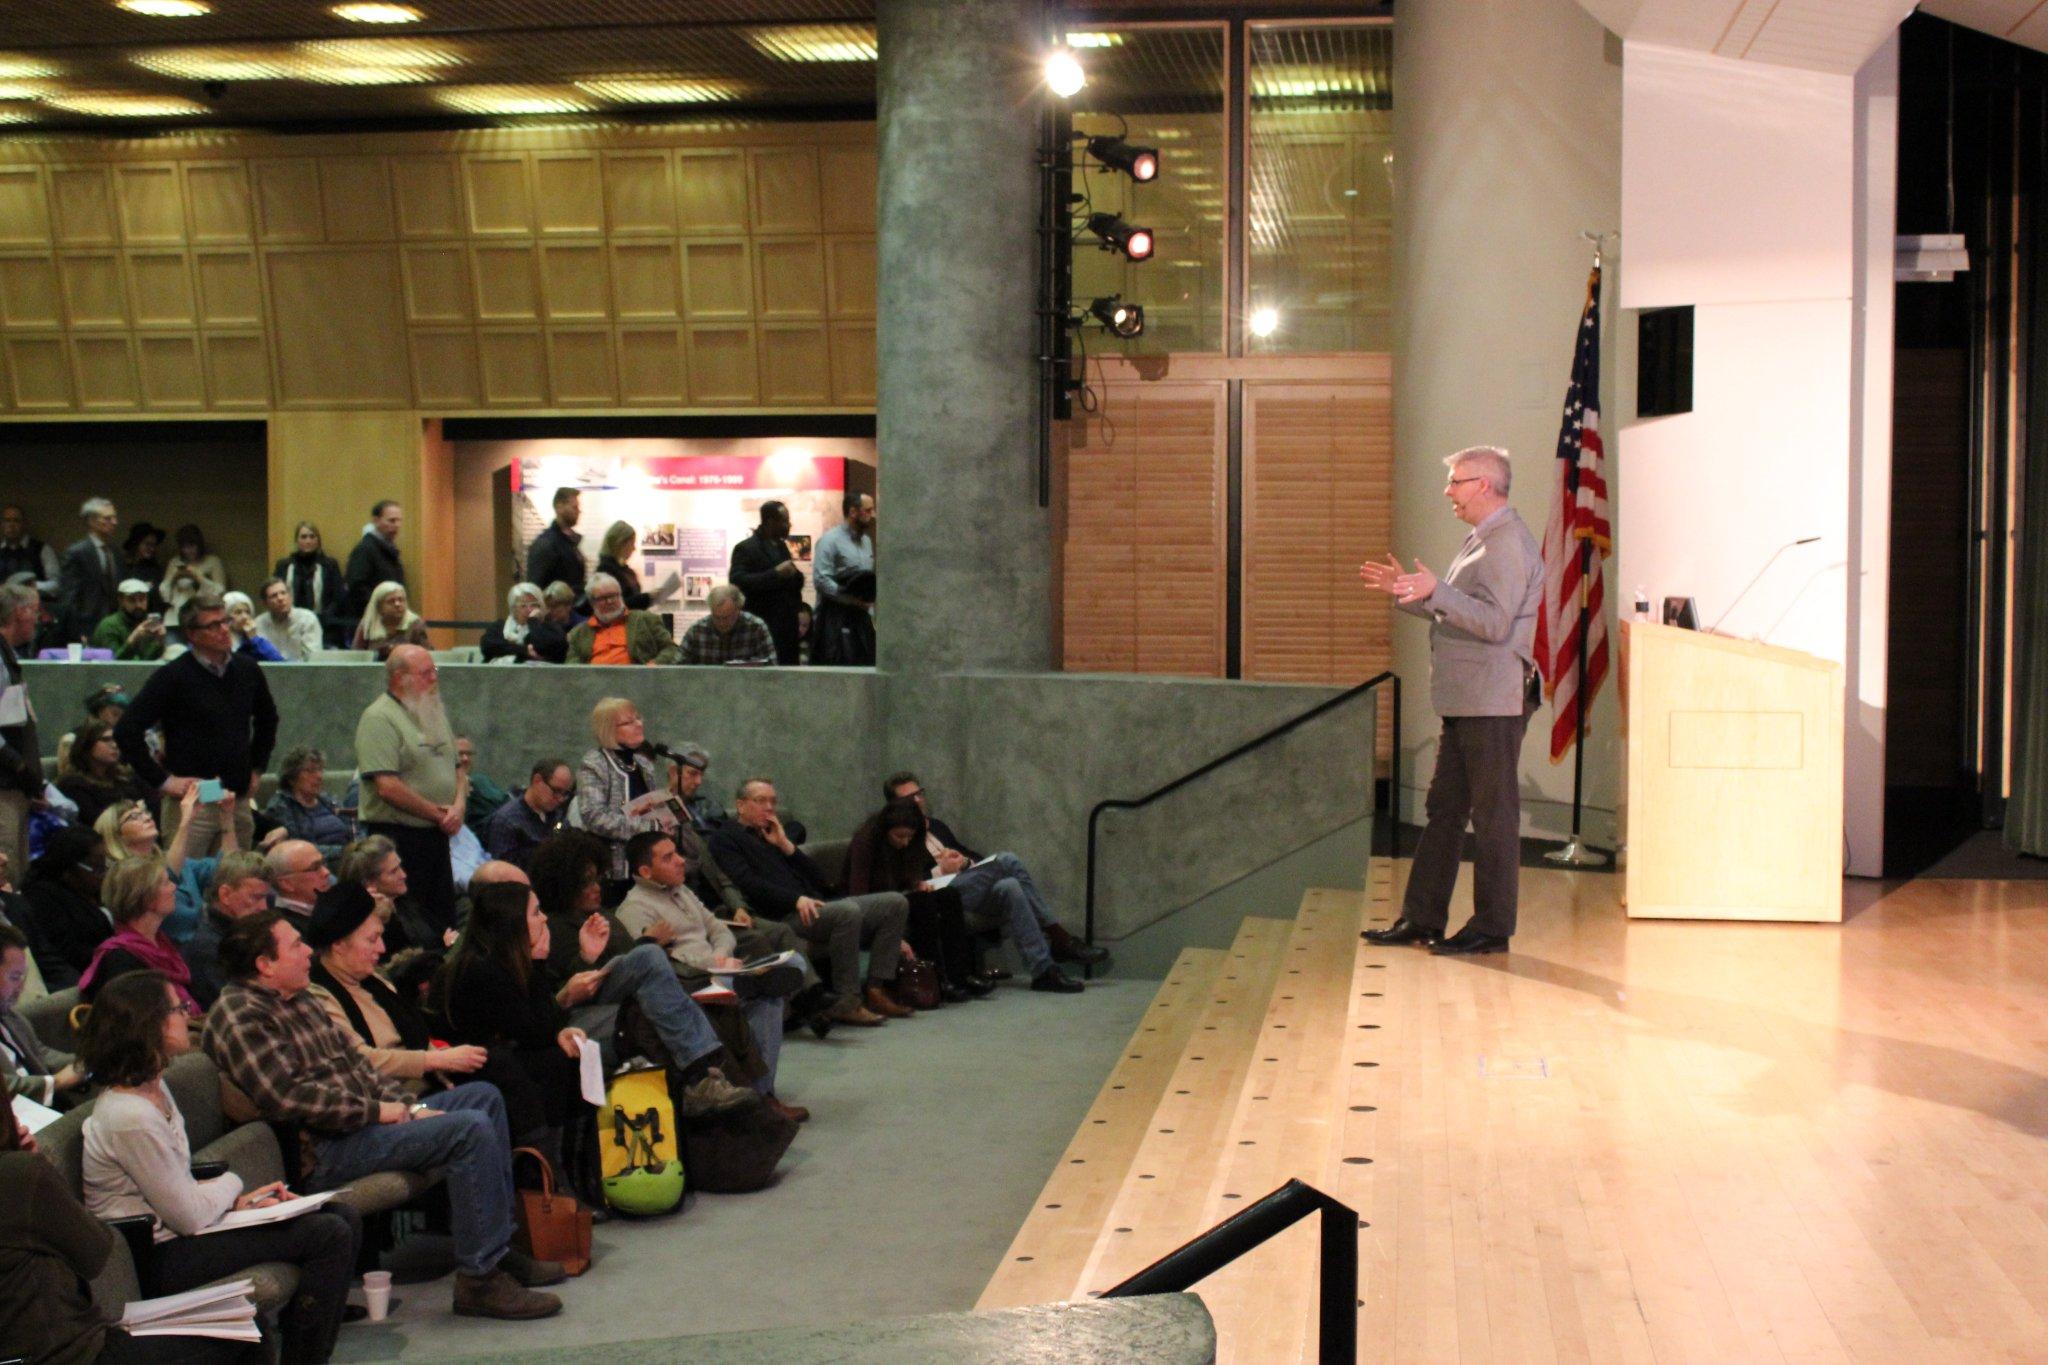 Chuck Marohn gives a public presentation at the Kansas City Public Library in Kansas City, MO in January 2018 (Photo by Abigail Newsham)